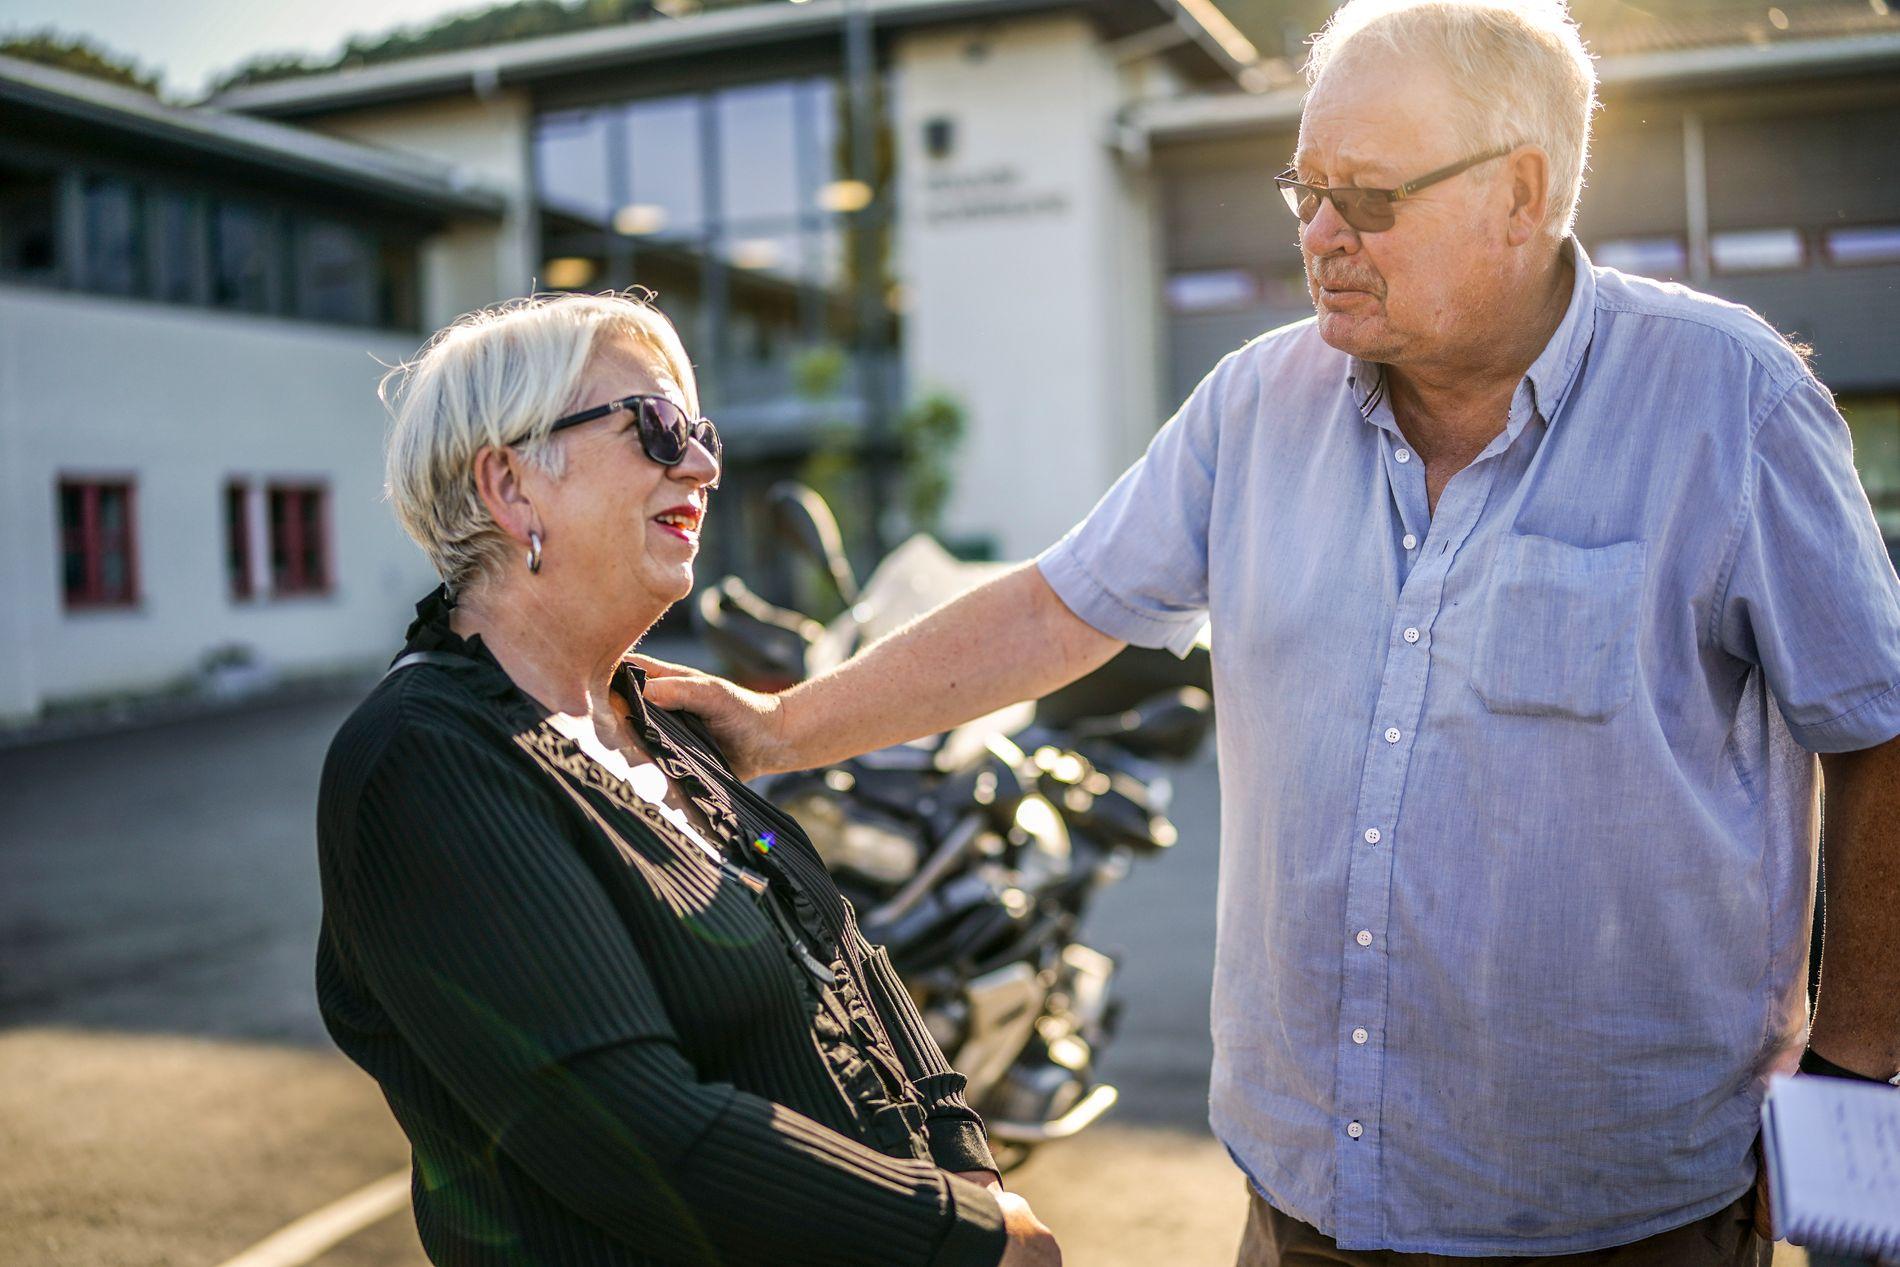 LOKALPOLITIKERE: Randi Eikevik i partiet Fokus Malvik og Per Wallseth fra pensjonistpartiet er på vei inn til et politikermøte i Malvik rådhus i kjølvannet av ordførerens dødsfall.